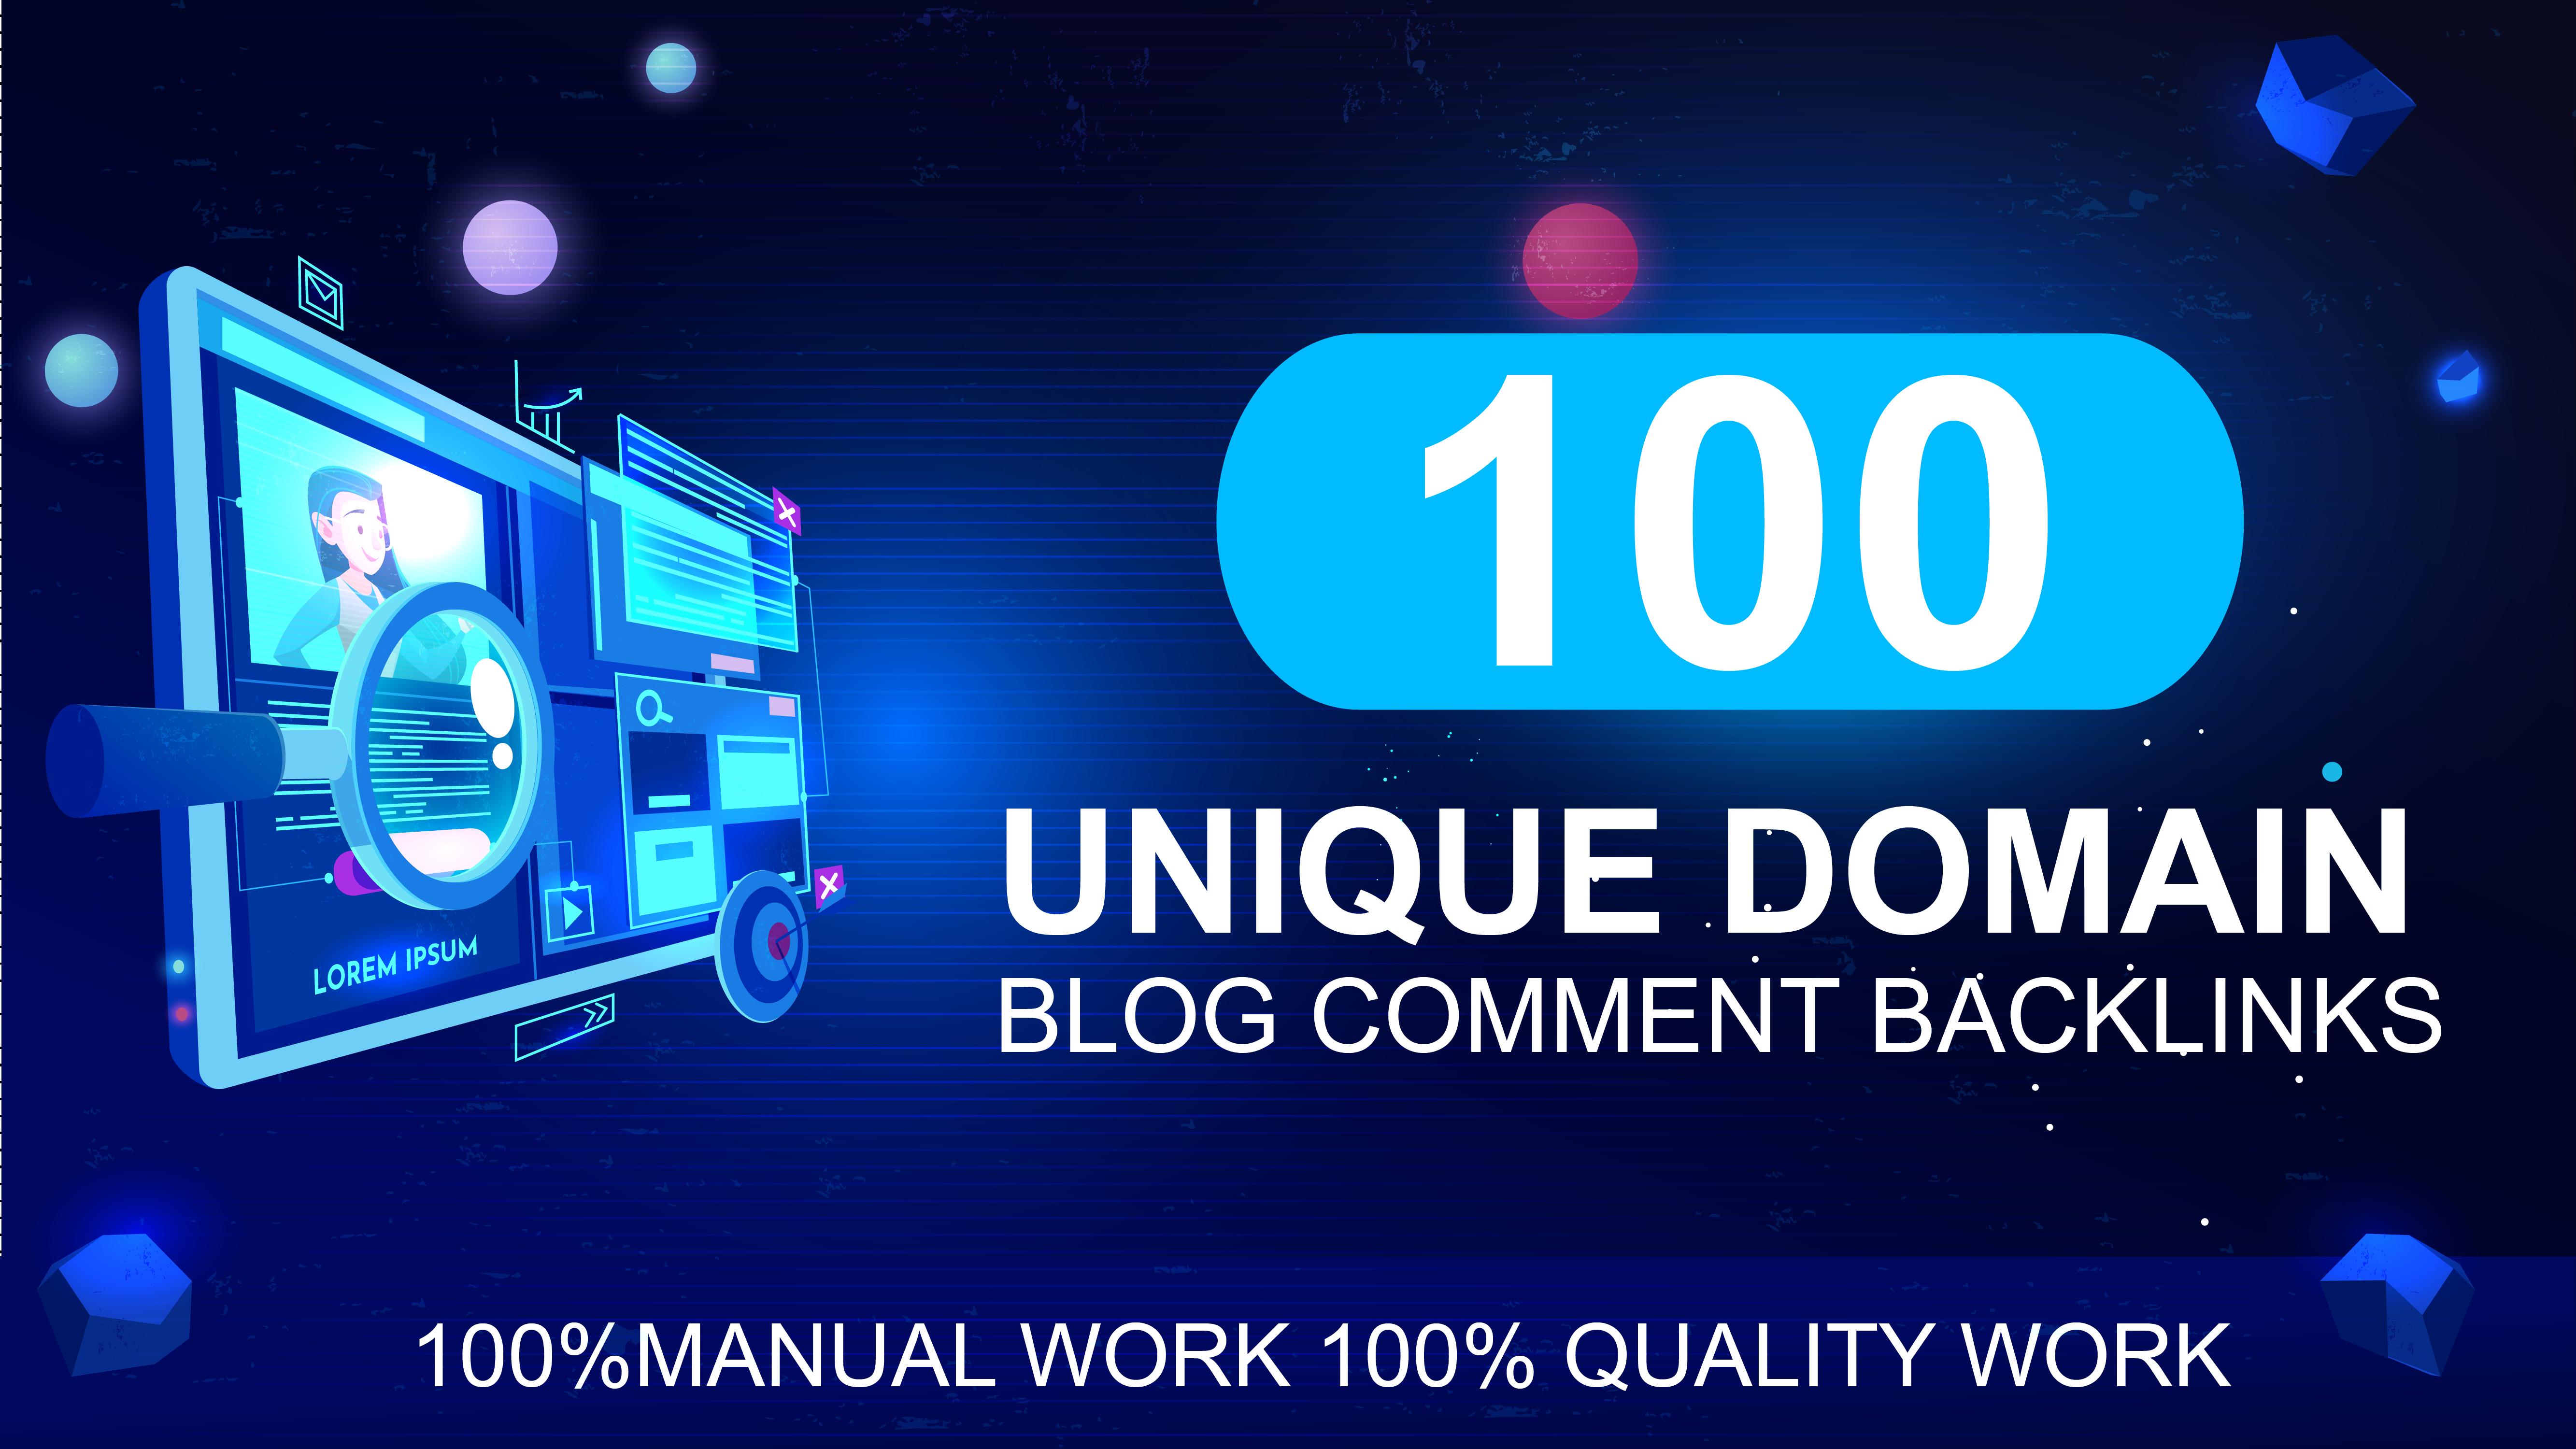 I will create 100 unique domain Backlinks